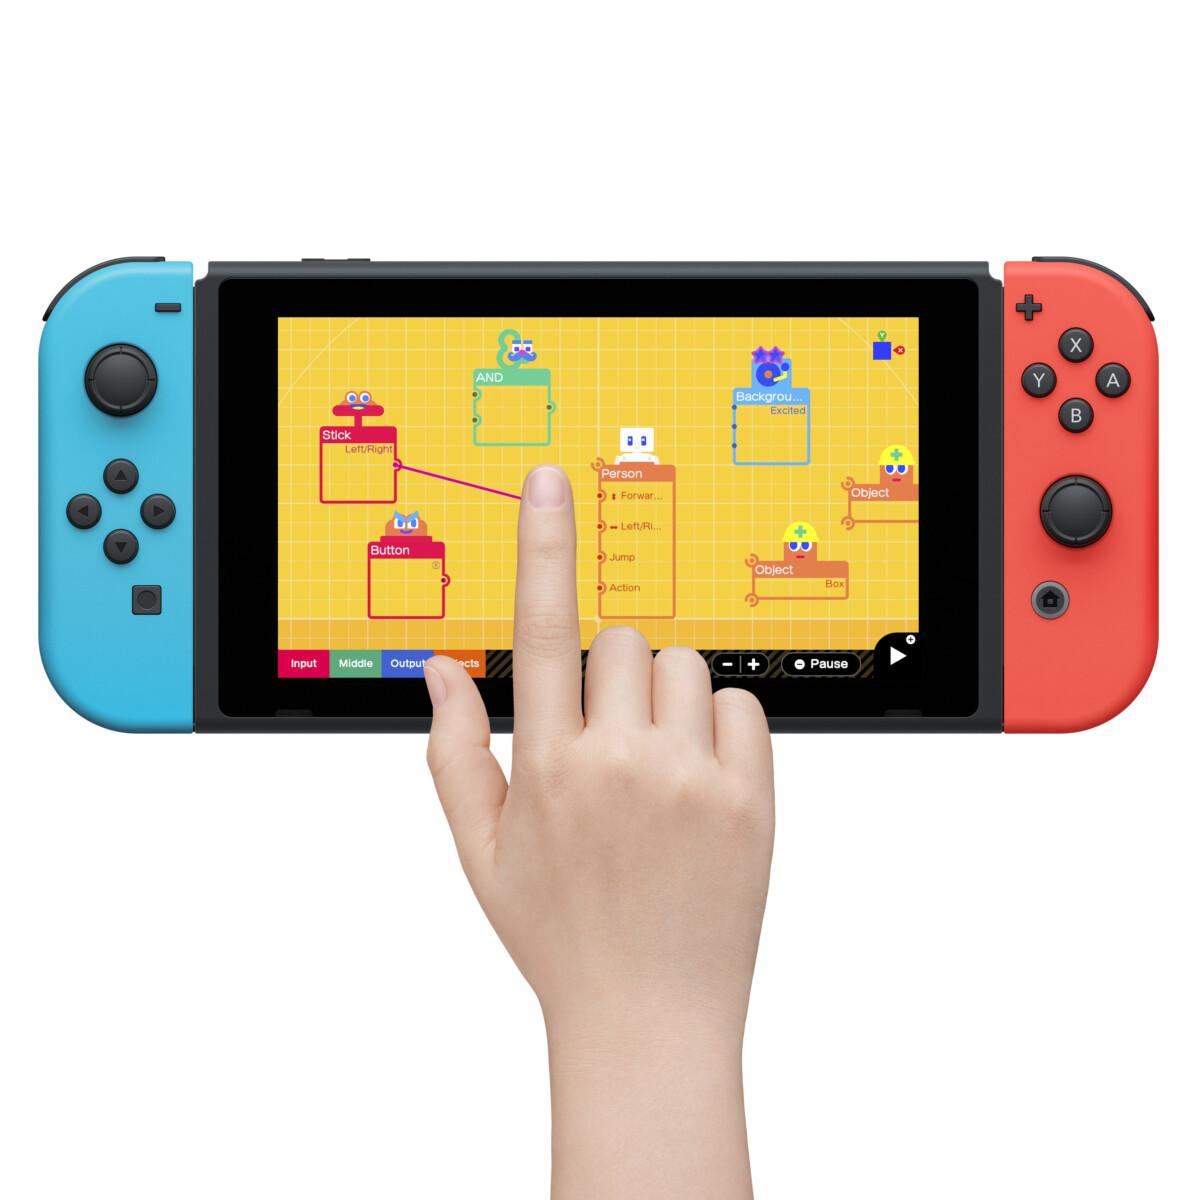 L'Atelier du jeu vidéo arrive sur Nintendo Switch